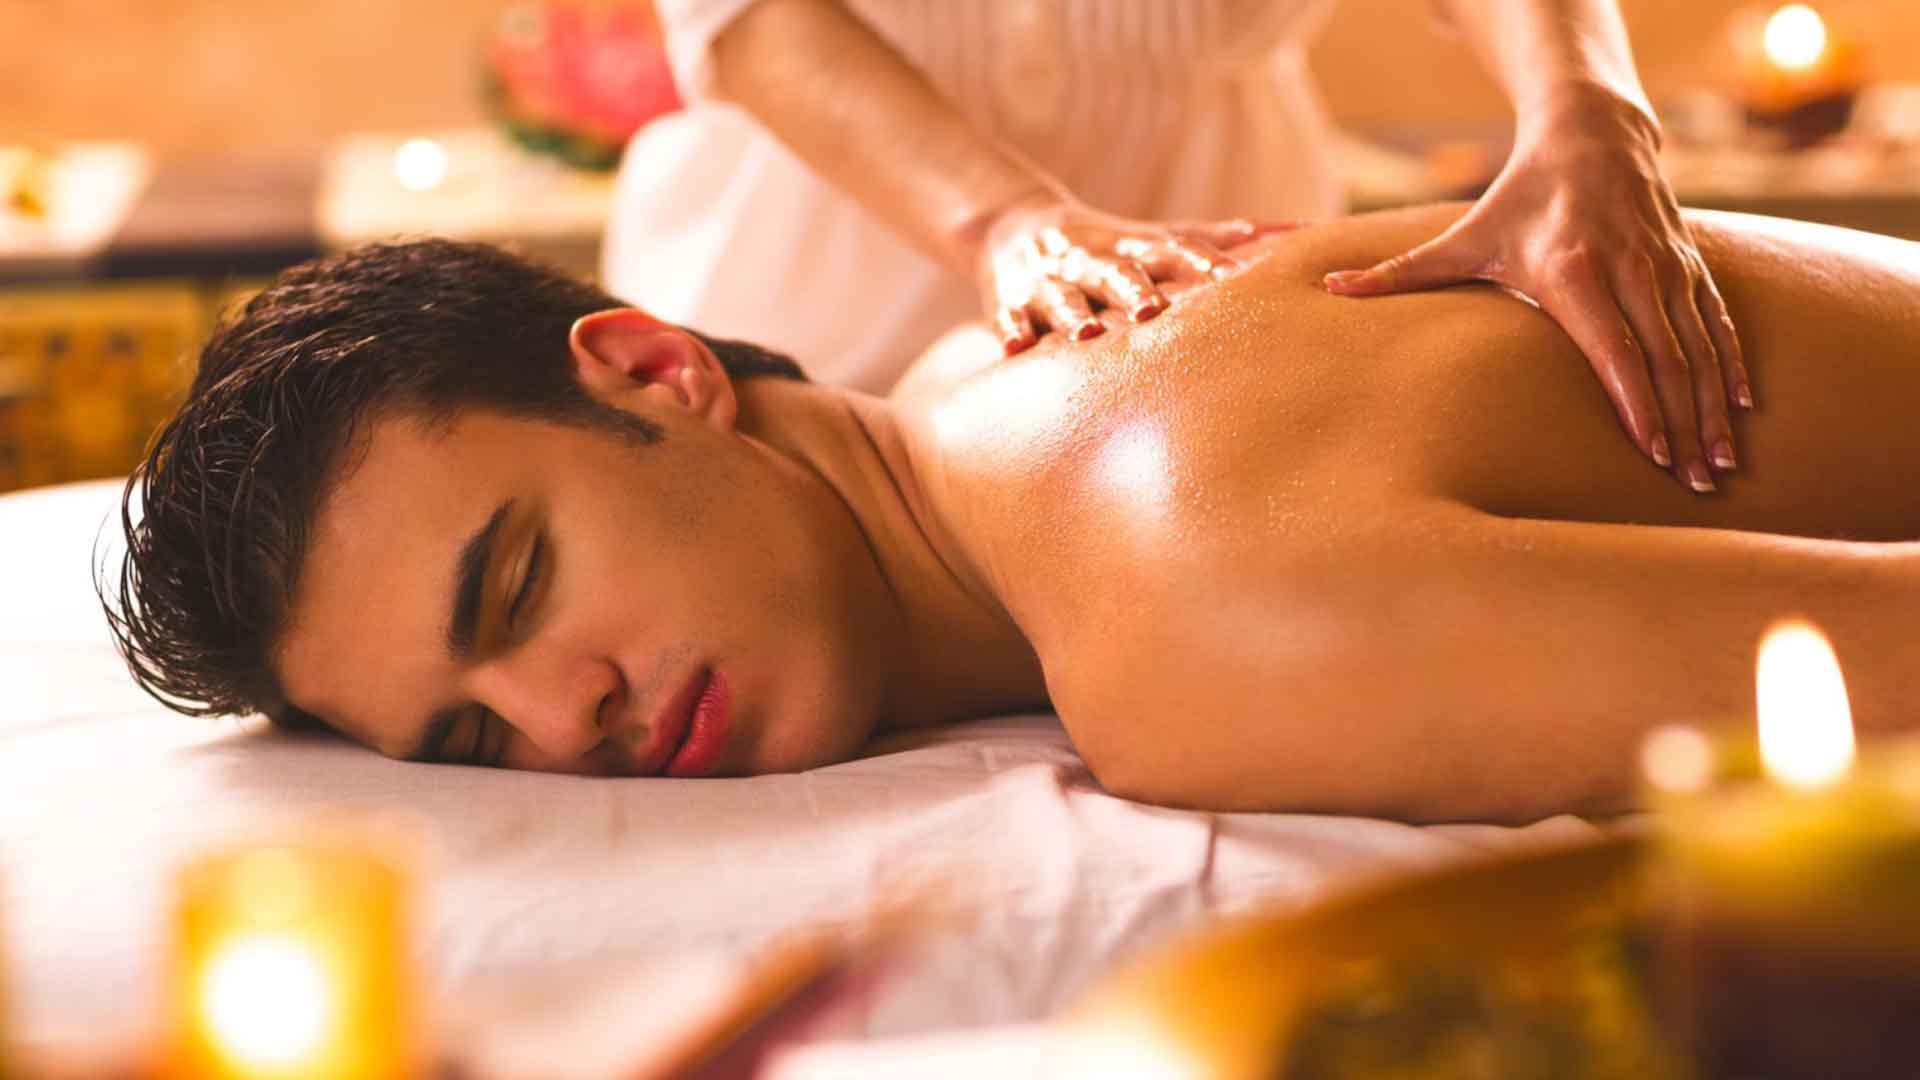 Два интимные массажи для мужчин смотреть онлайн